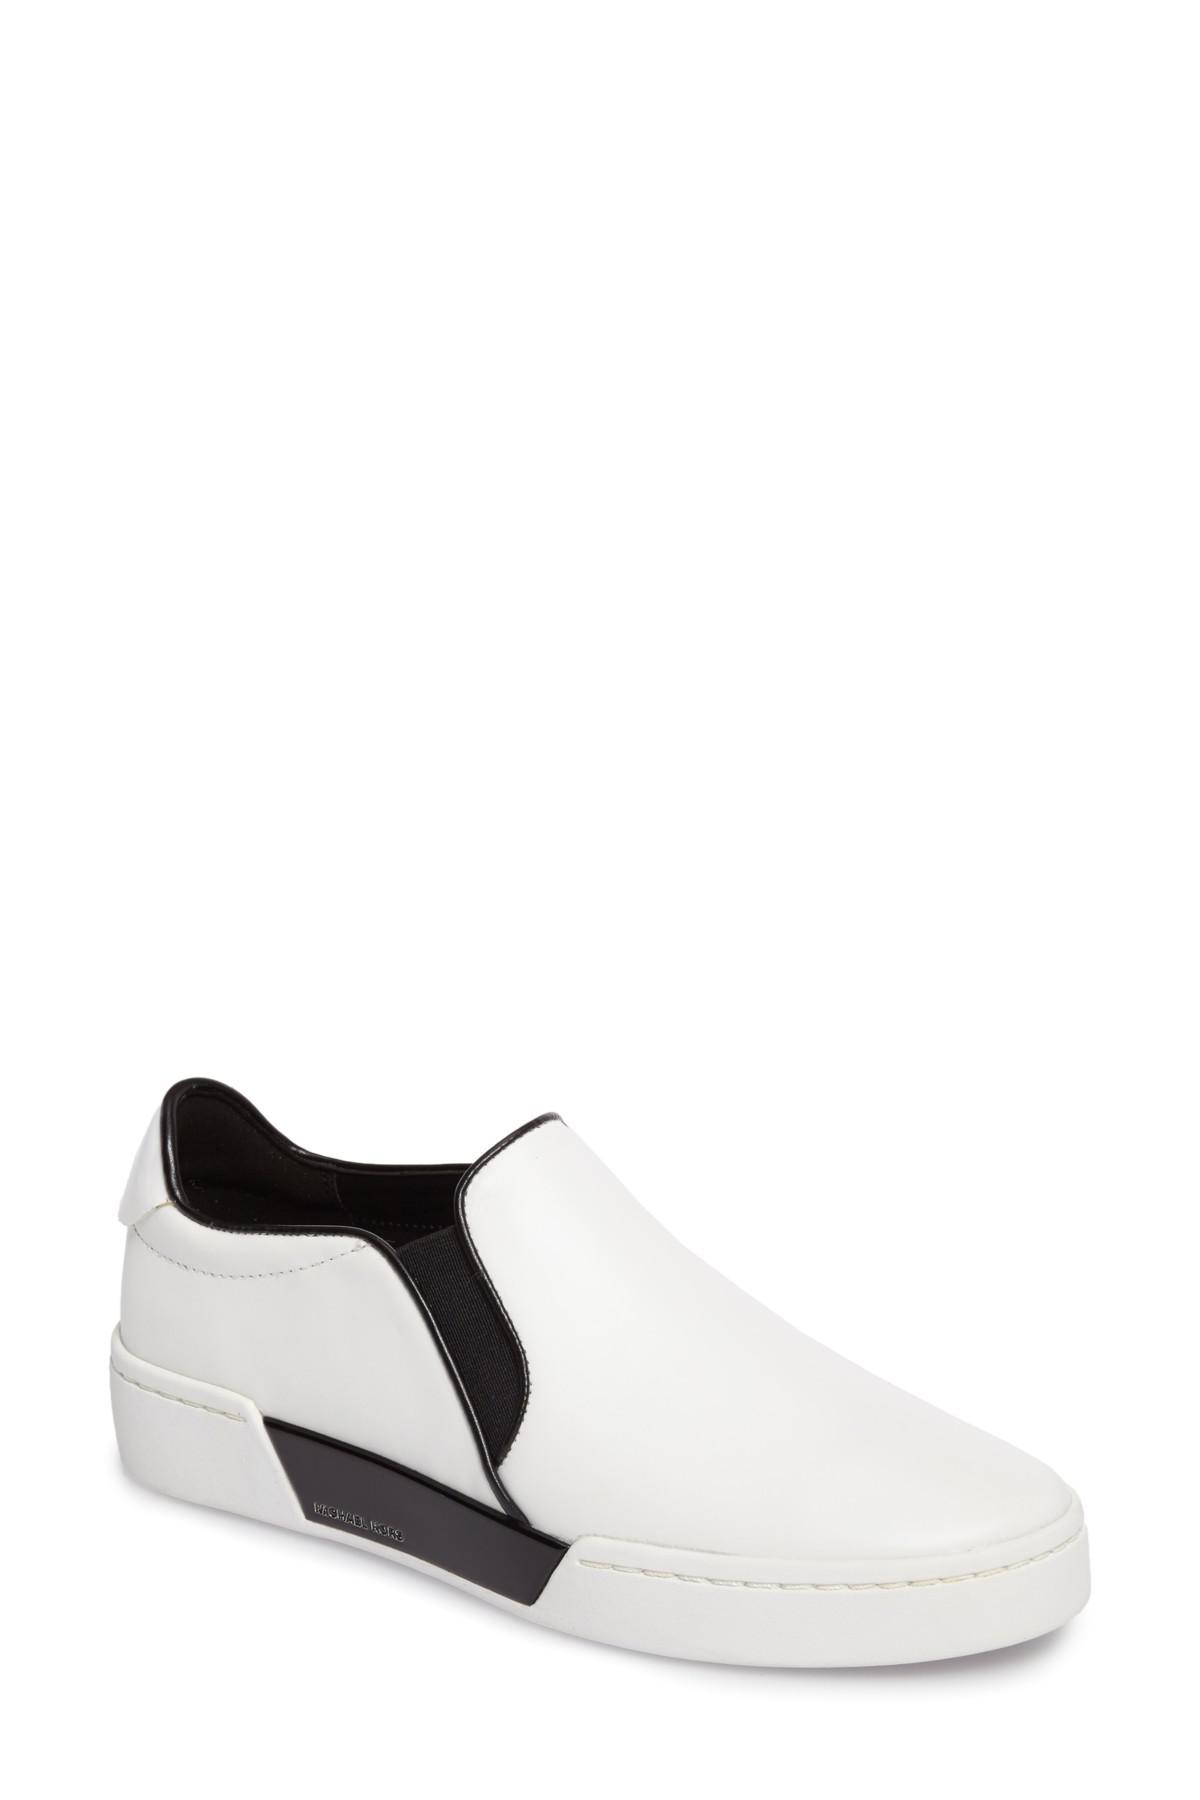 Shoes Michael Kors Sale Au